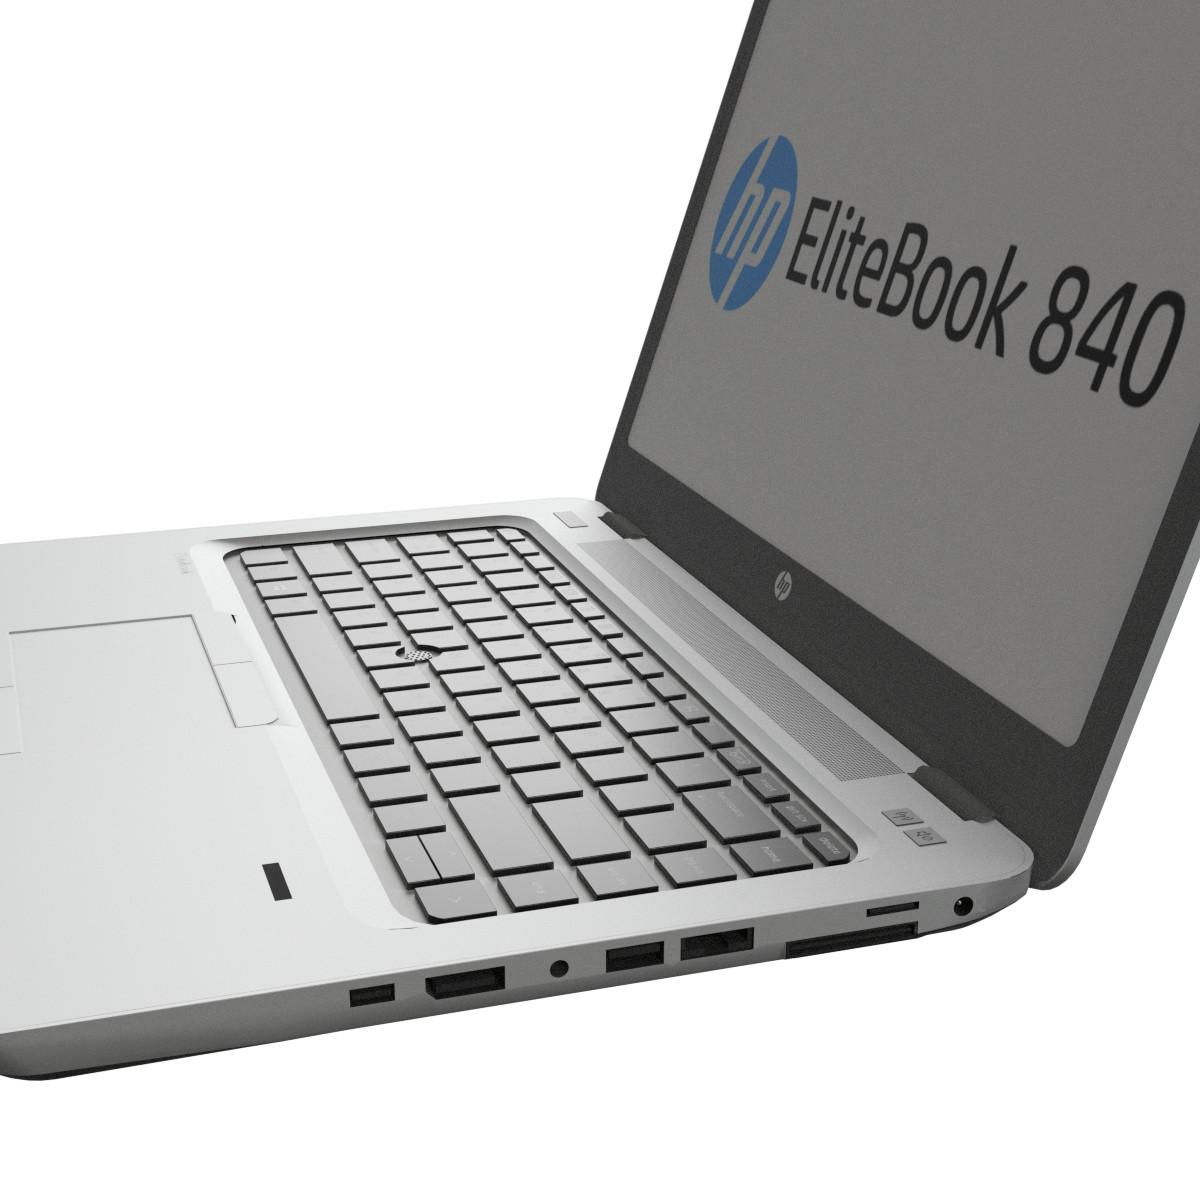 HP EliteBook 840 G3 customizable laptop